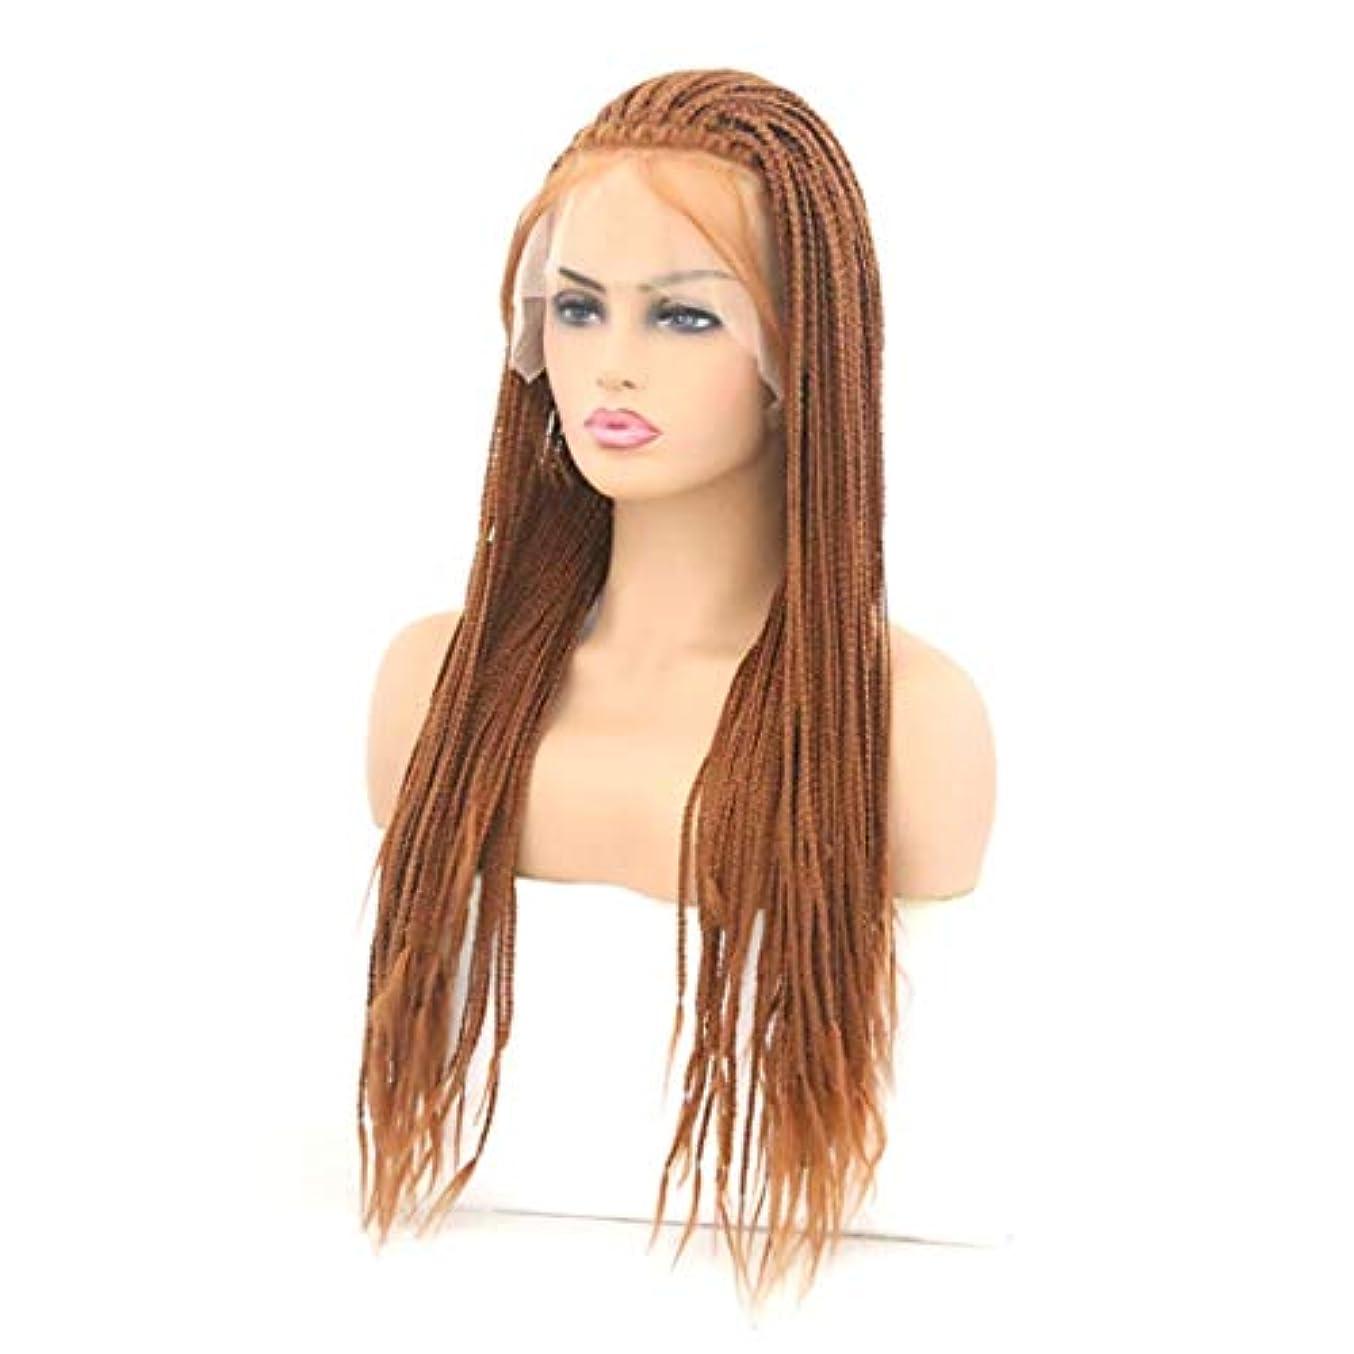 リフレッシュ校長ドキュメンタリーKerwinner かつら女性のための傾斜前髪ショートカーリーヘアーワインレッド高温シルクウィッグ